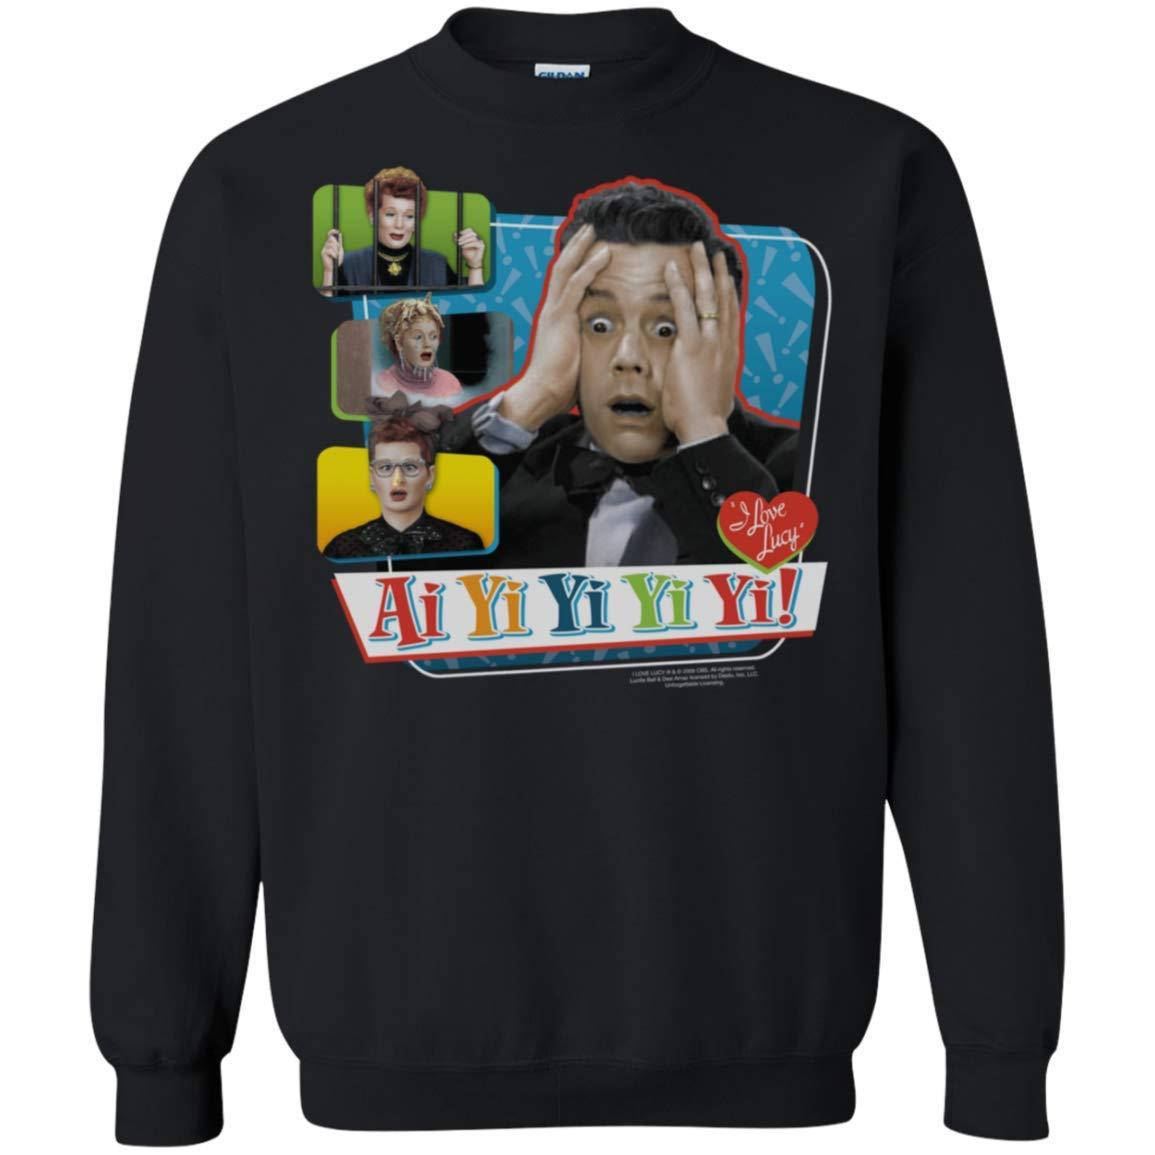 I Love Lucy Ai Yi Yi Yi Yi Crewneck Pullover Sweatshirt 8 oz.